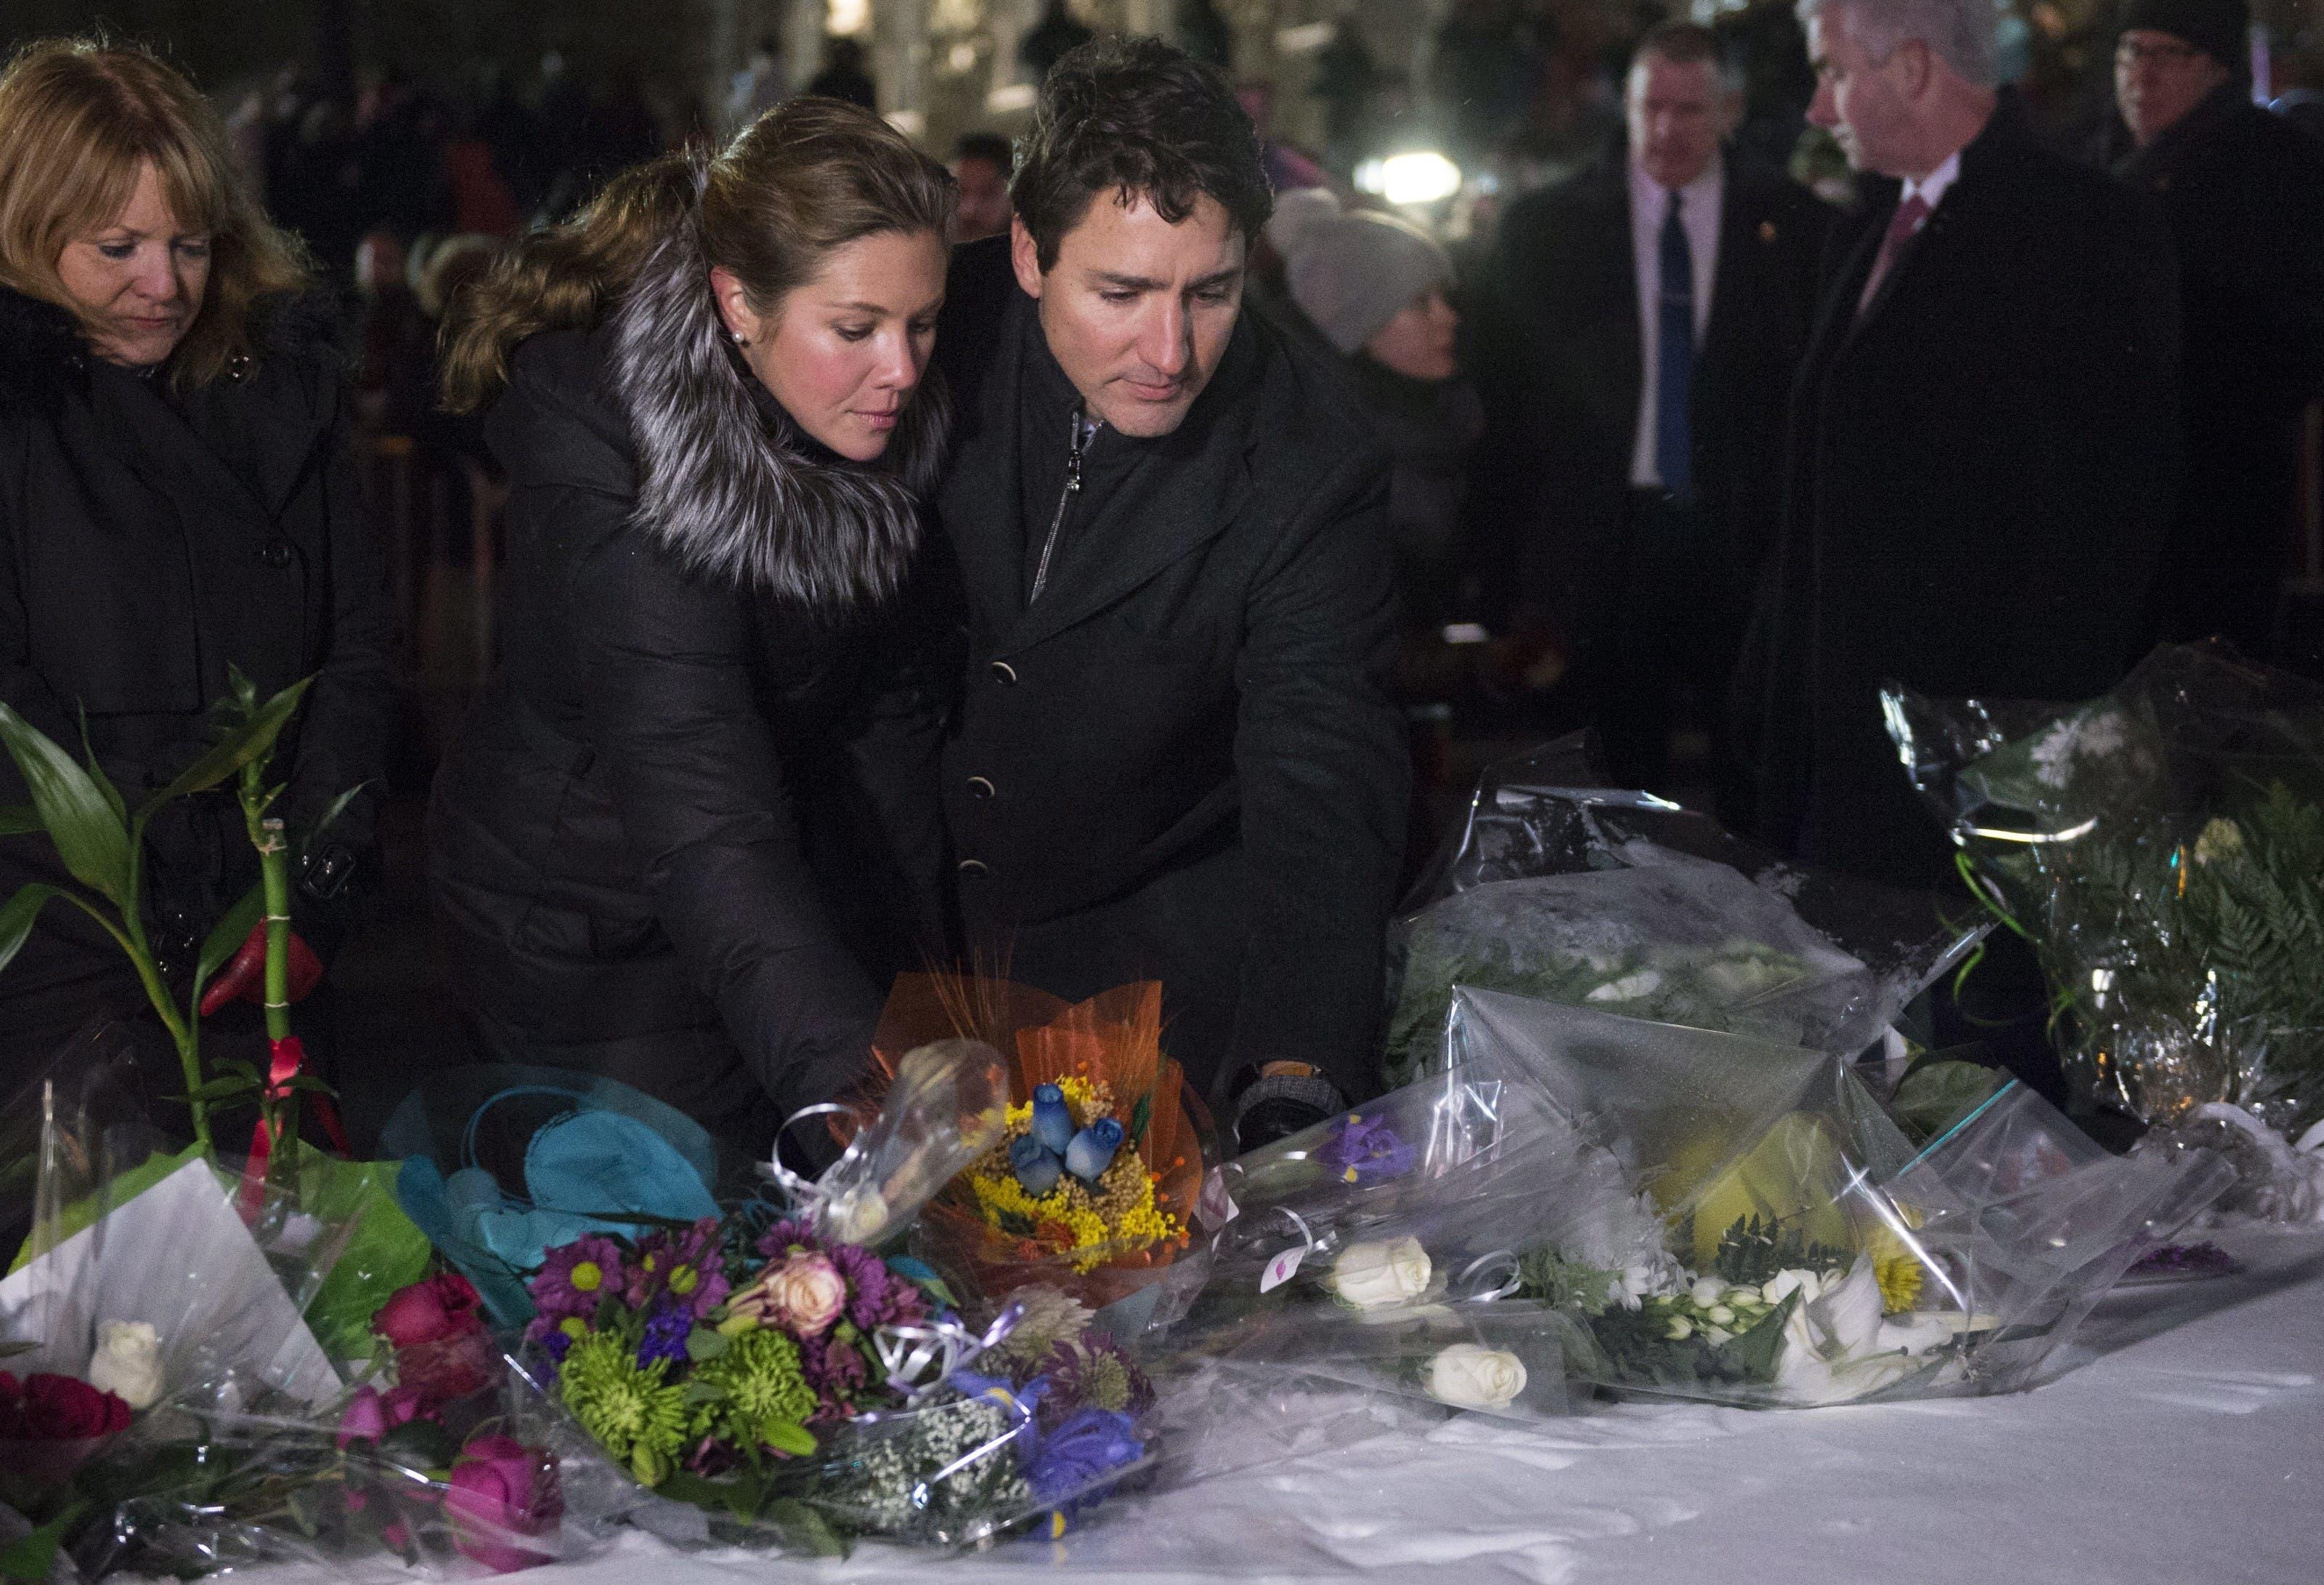 Auch Kanadas Premierminister Justin Trudeau reiste kurzfristig zur Mahnwache nach Québec.